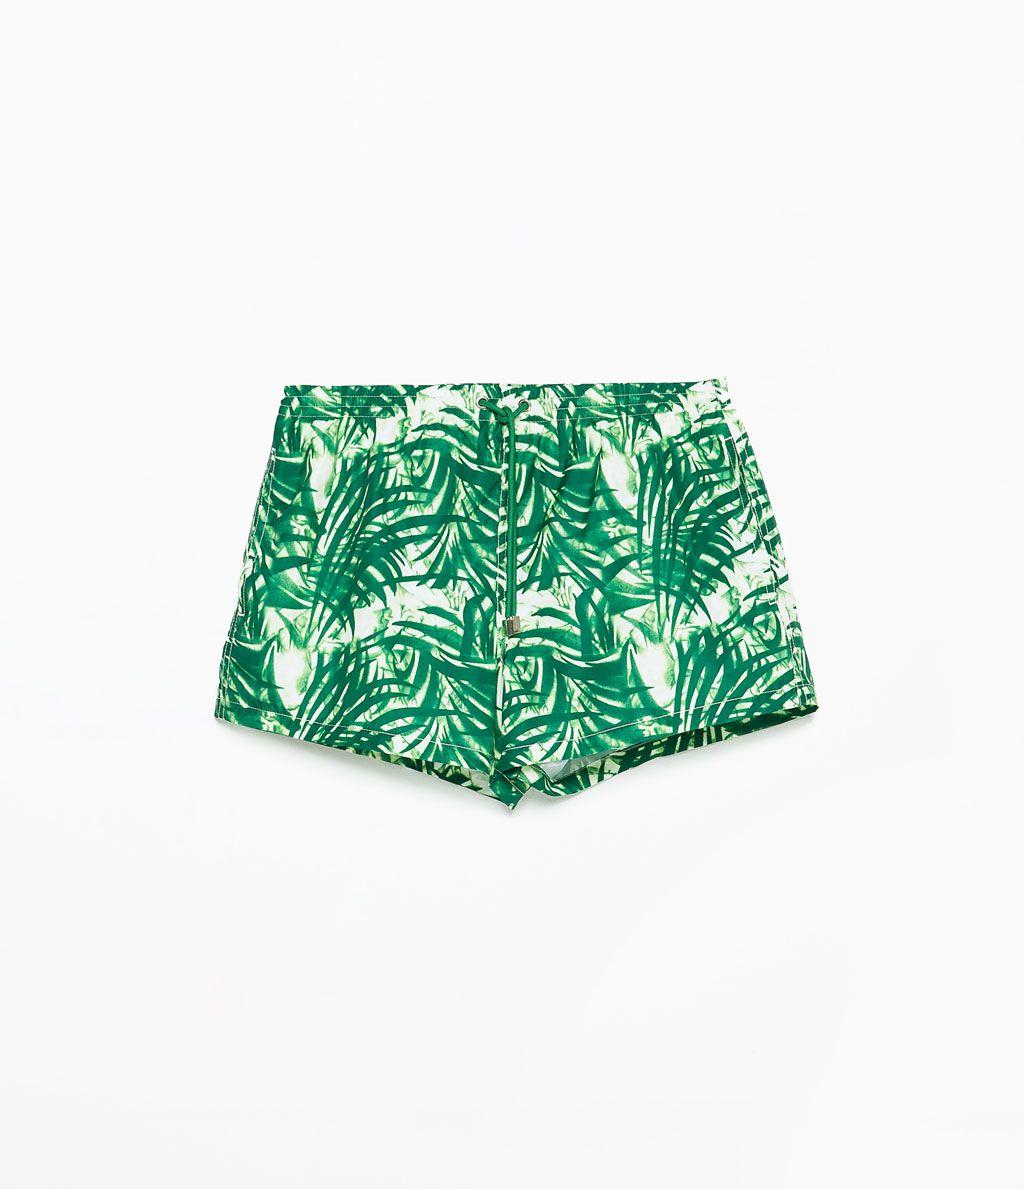 Korte Zwembroek.Zara Heren Korte Zwembroek Met Print Man Clothing Swim